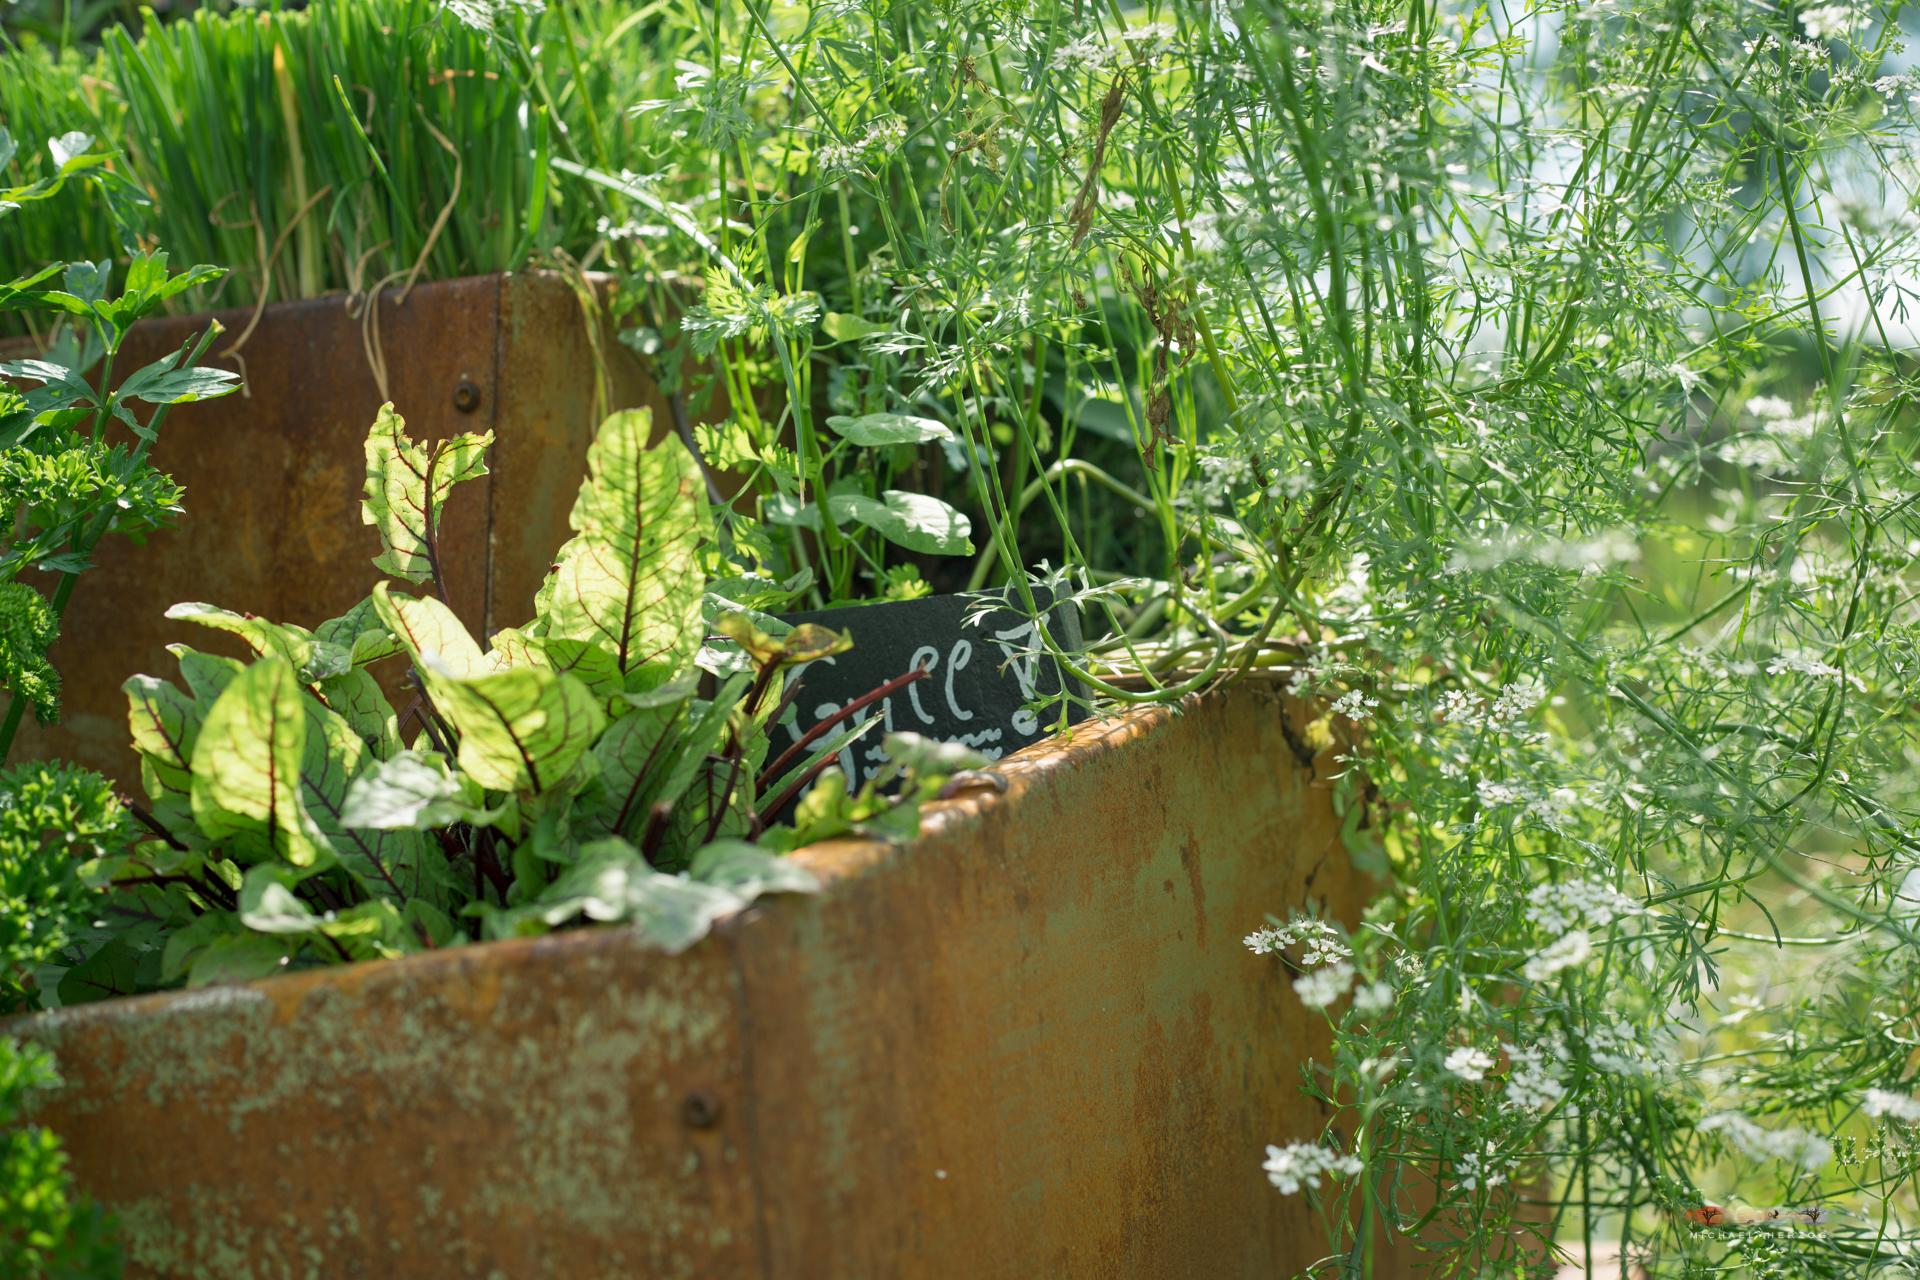 Garten_MichaelHerzog-1448.jpg